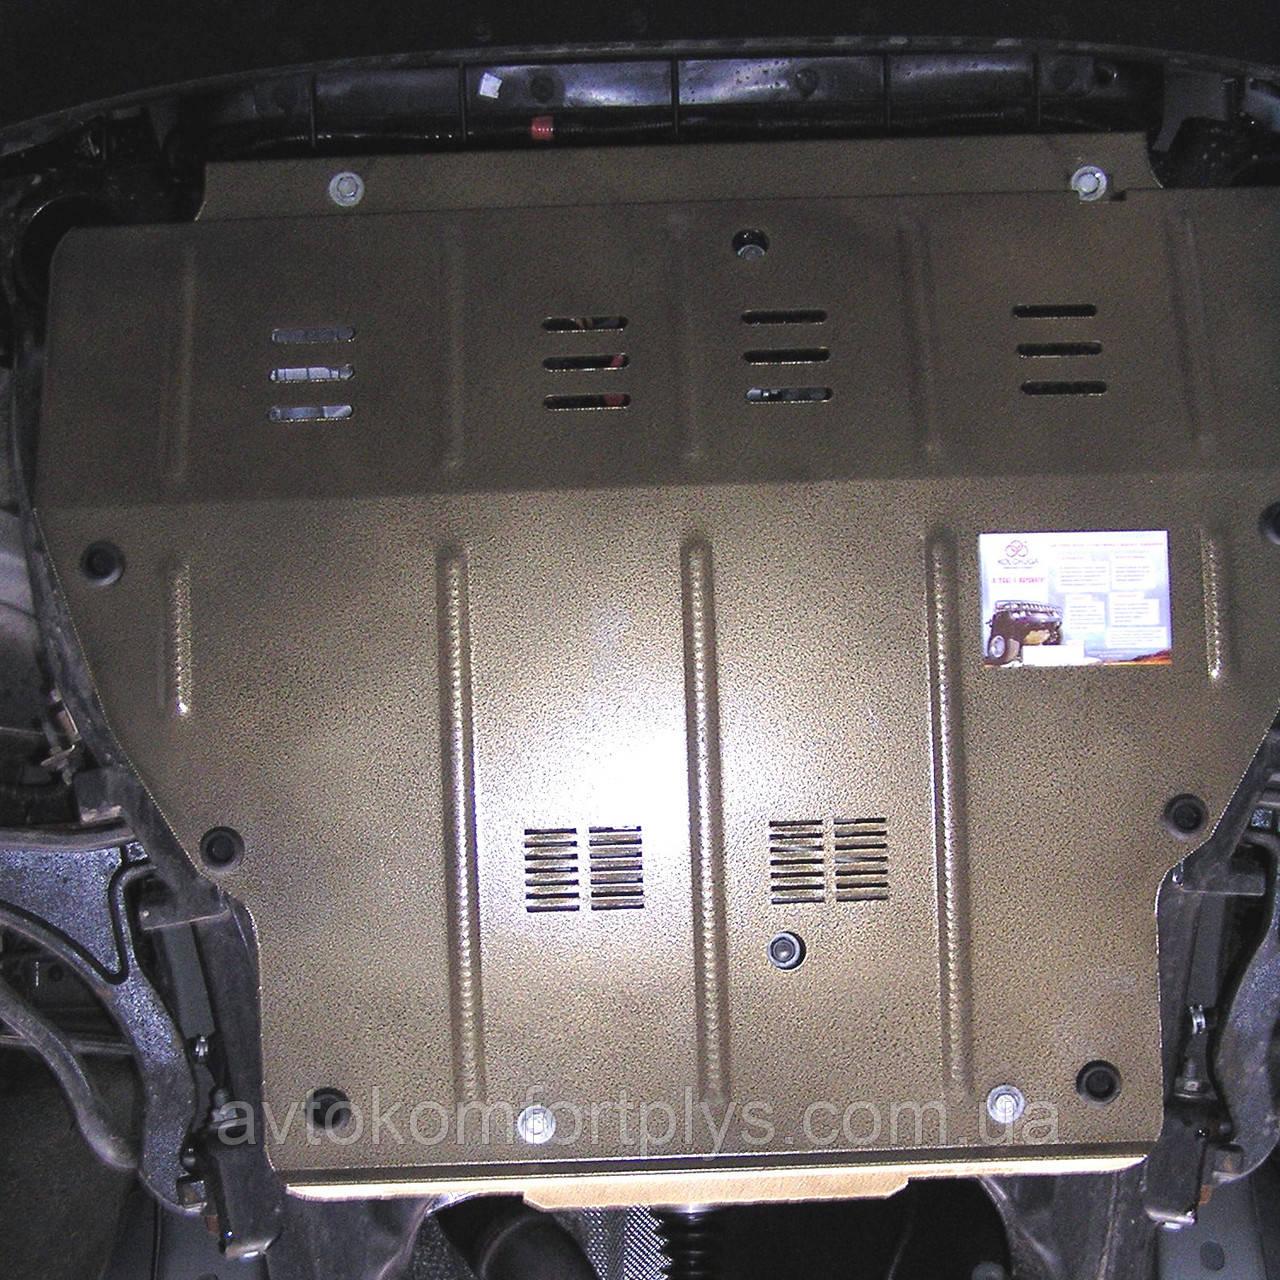 Металева (сталева) захист двигуна (картера) Chrysler Pacifica 4 WD (2004-2007) (V-3,5)